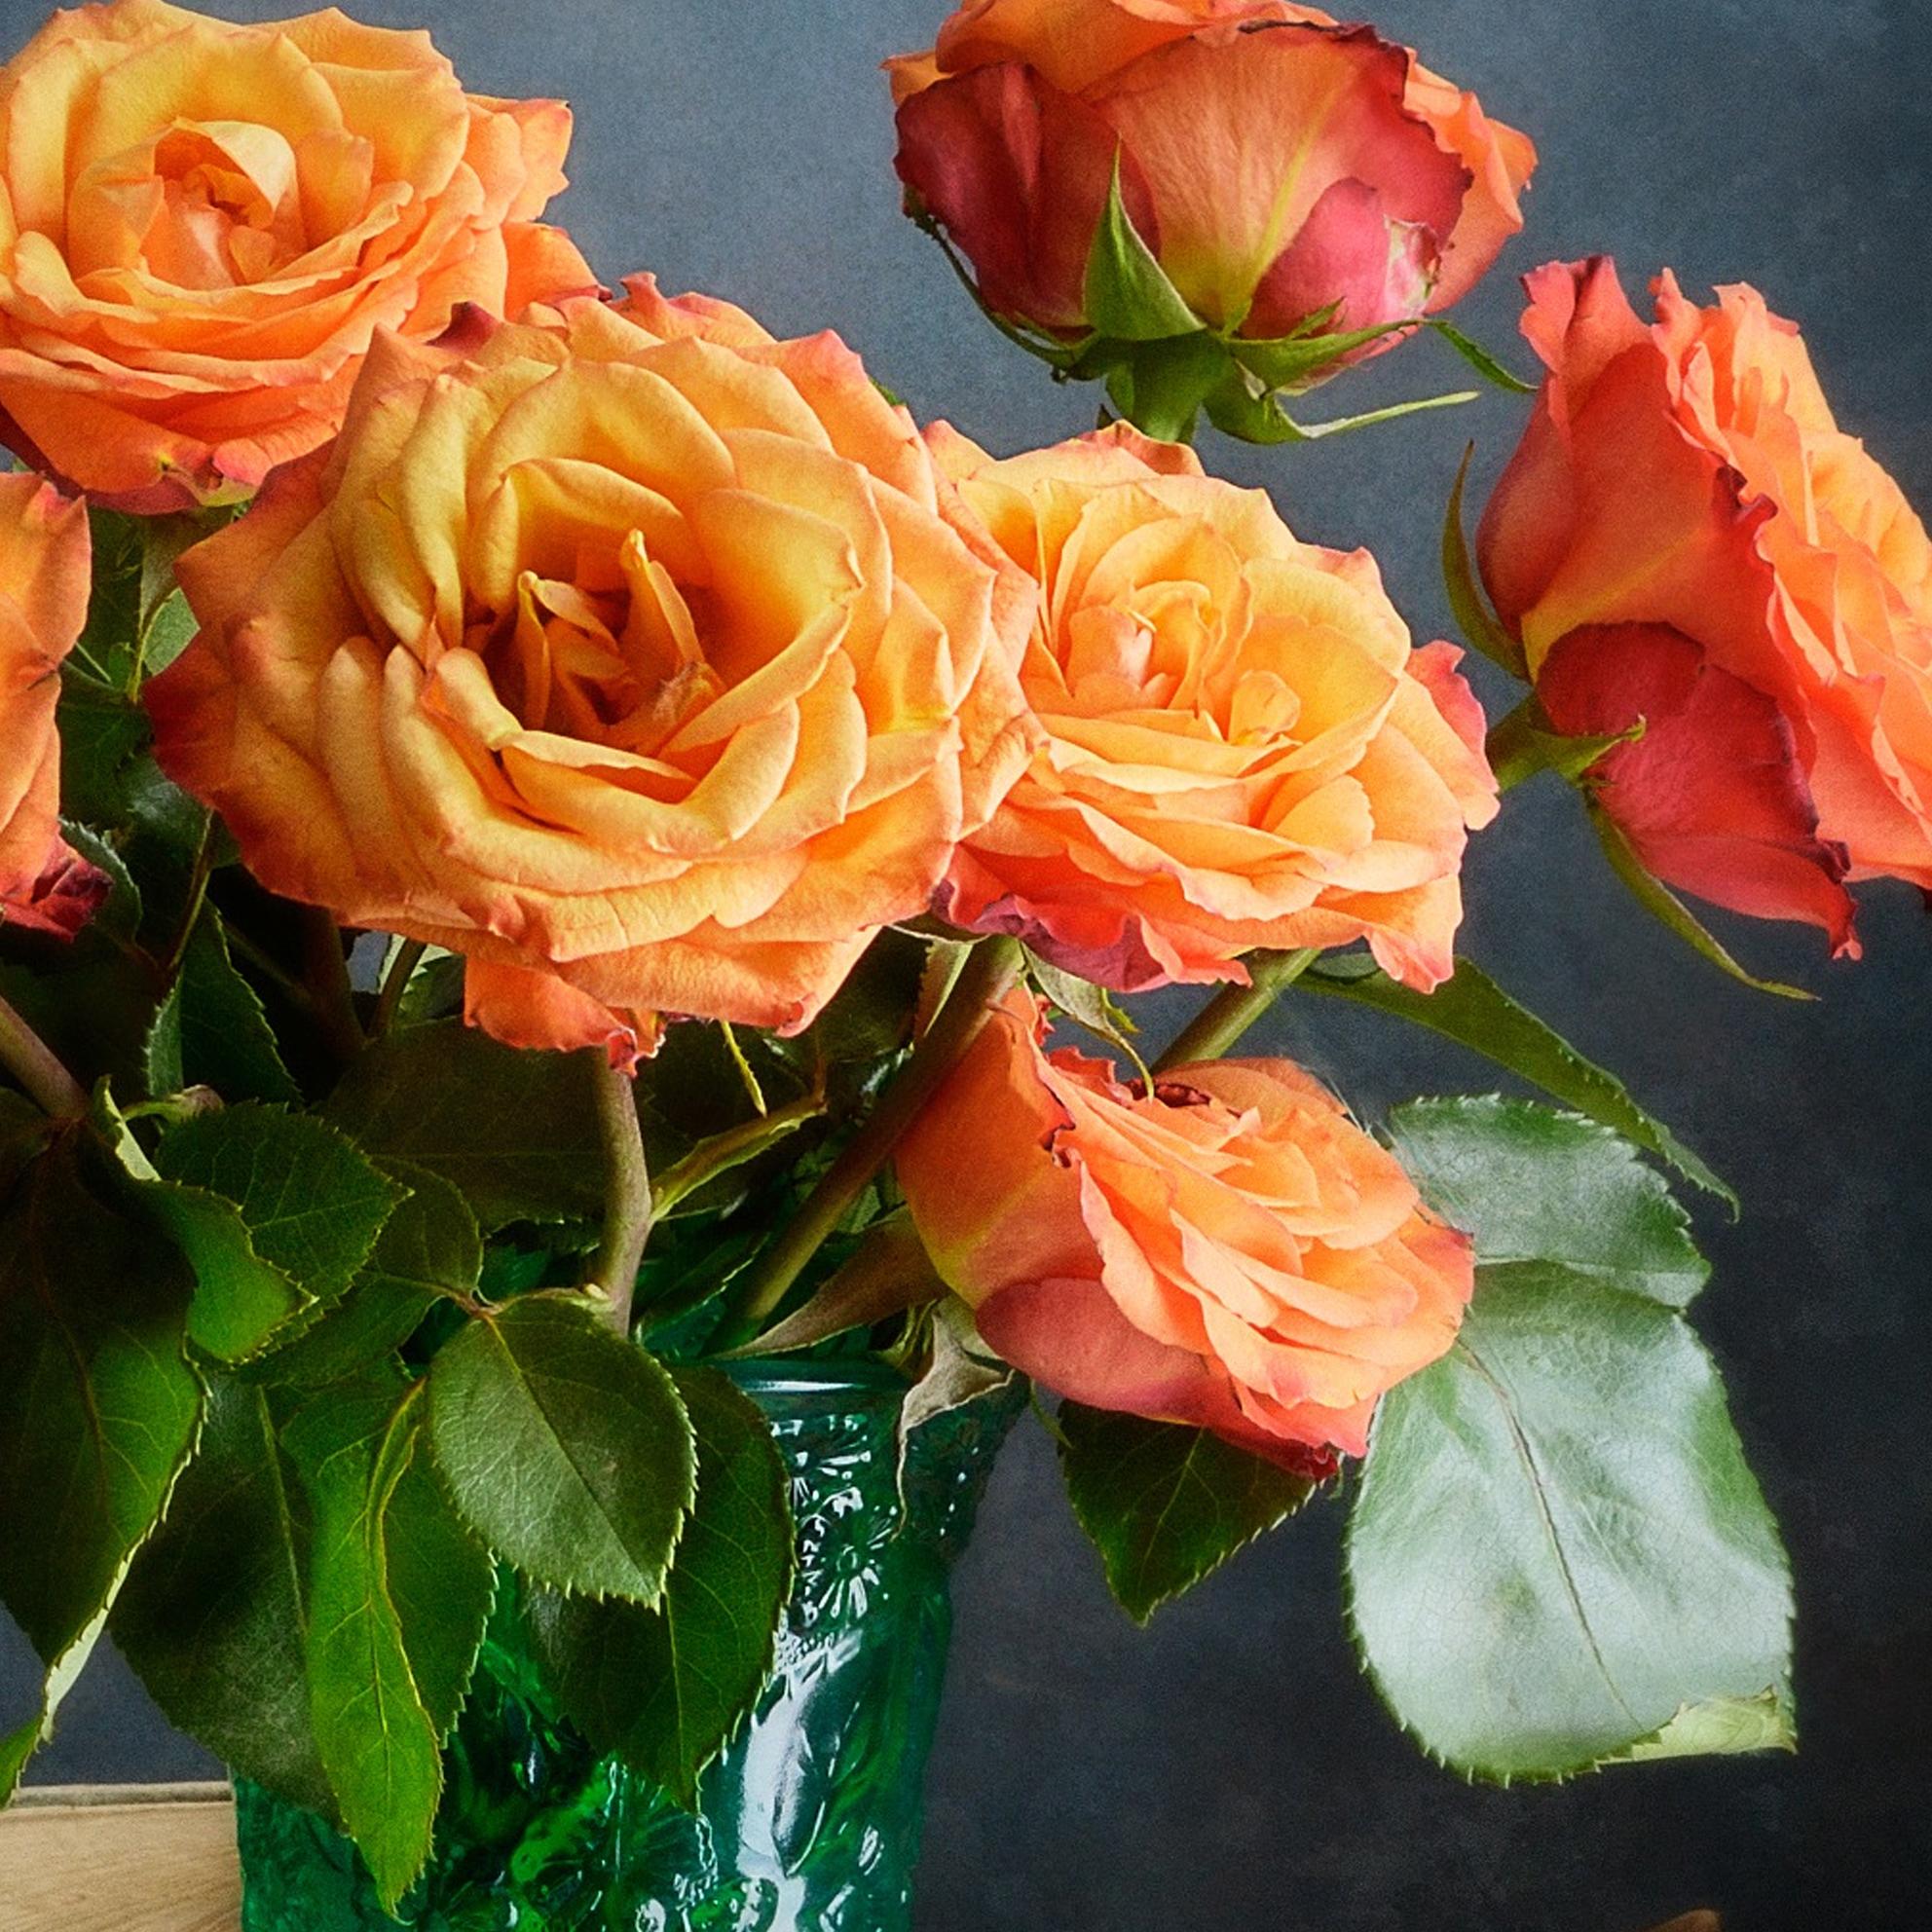 Cận cảnh những đóa hoa hồng tuyệt đẹp